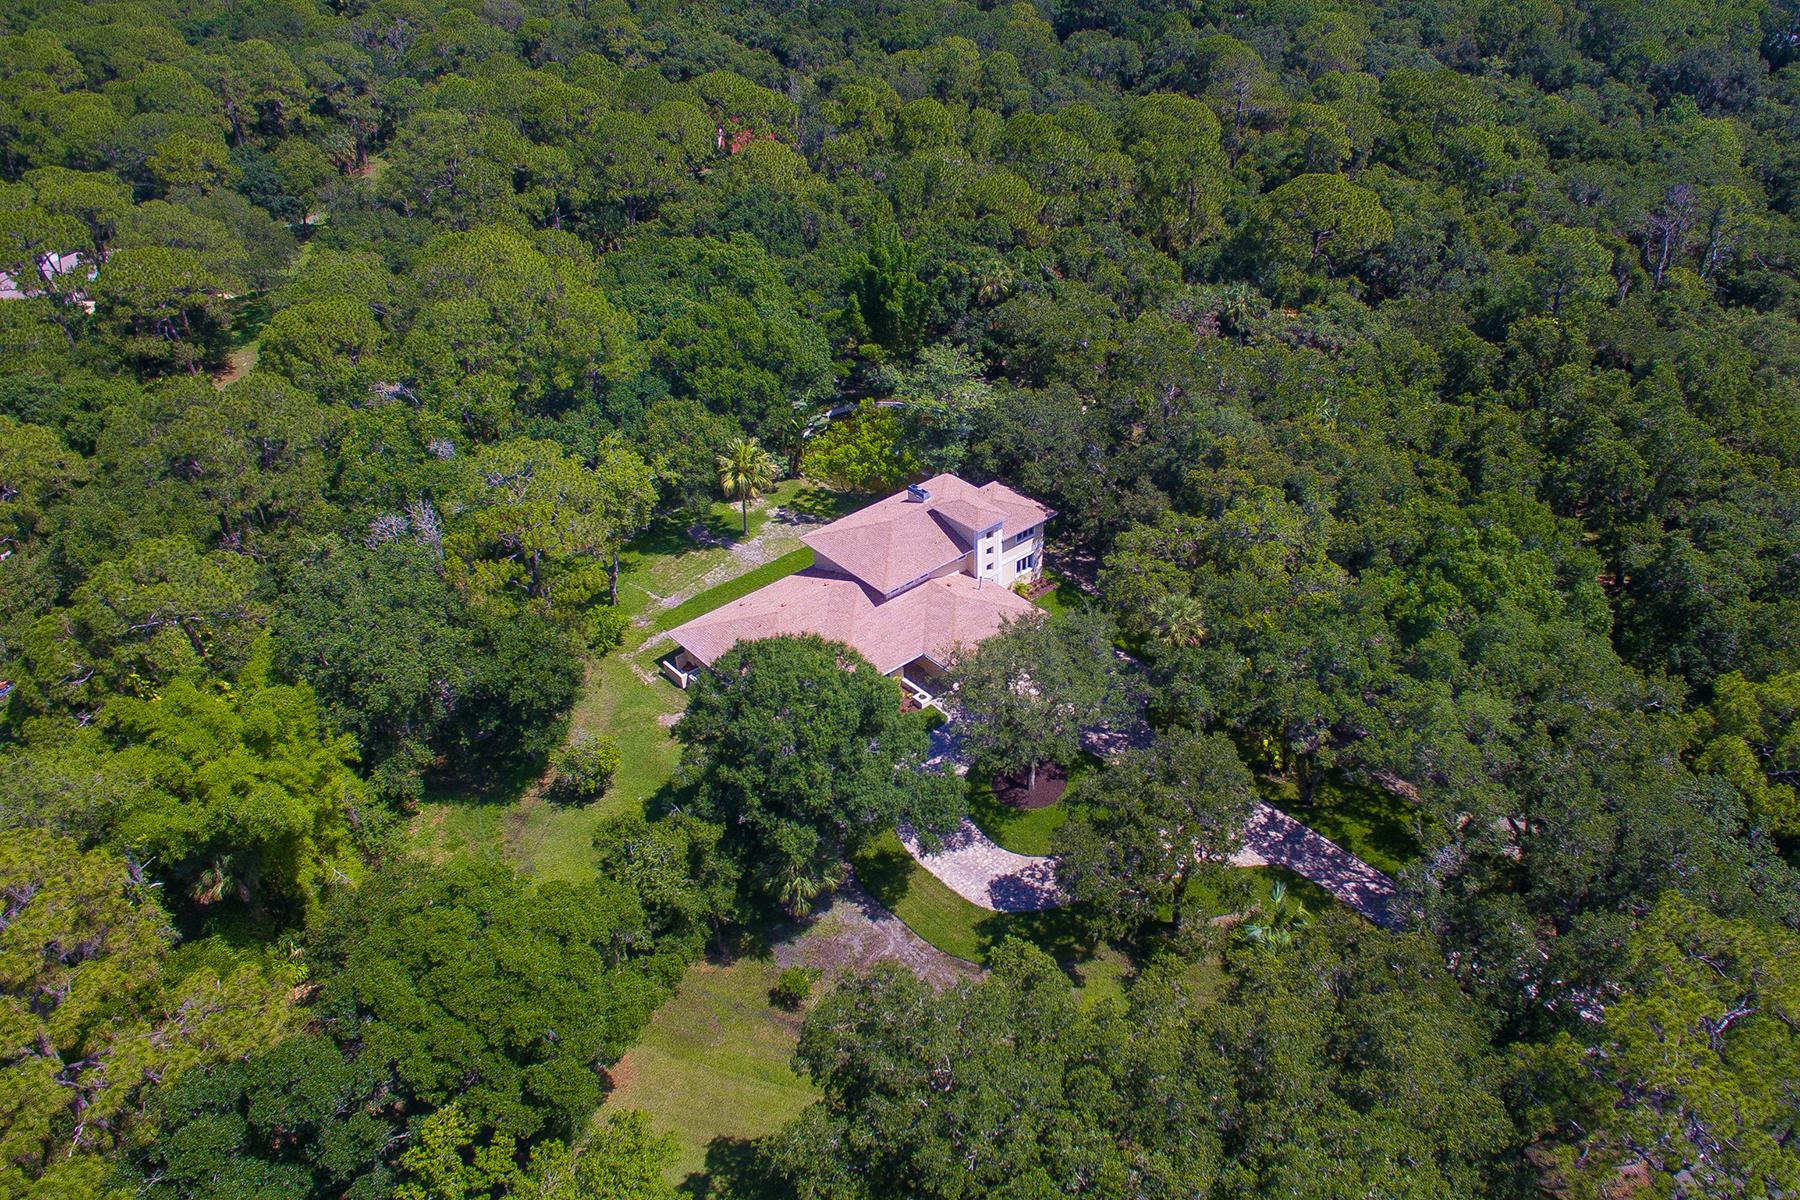 Maison unifamiliale pour l Vente à BLOOMING GROVE ESTATES 3600 Azalea Ln Sarasota, Florida, 34240 États-Unis